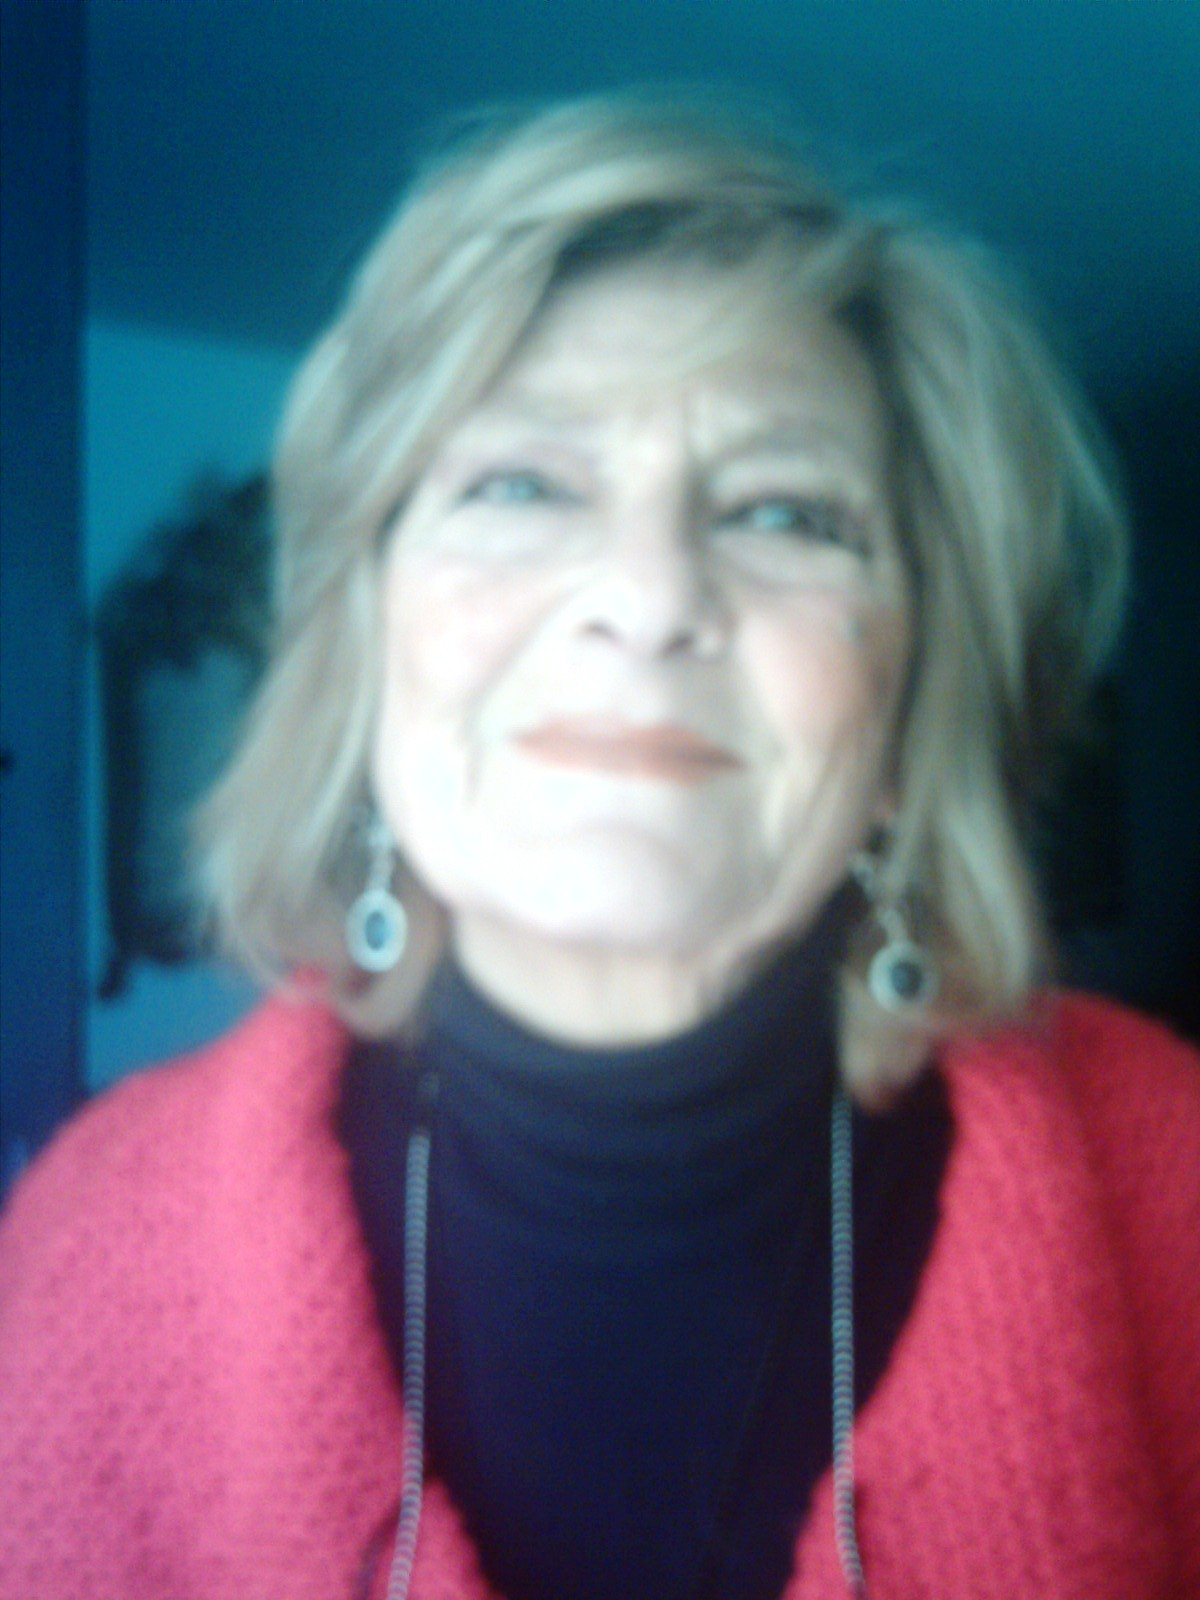 Un bambino senza voce: Intervista a Paola Bettini Picasso